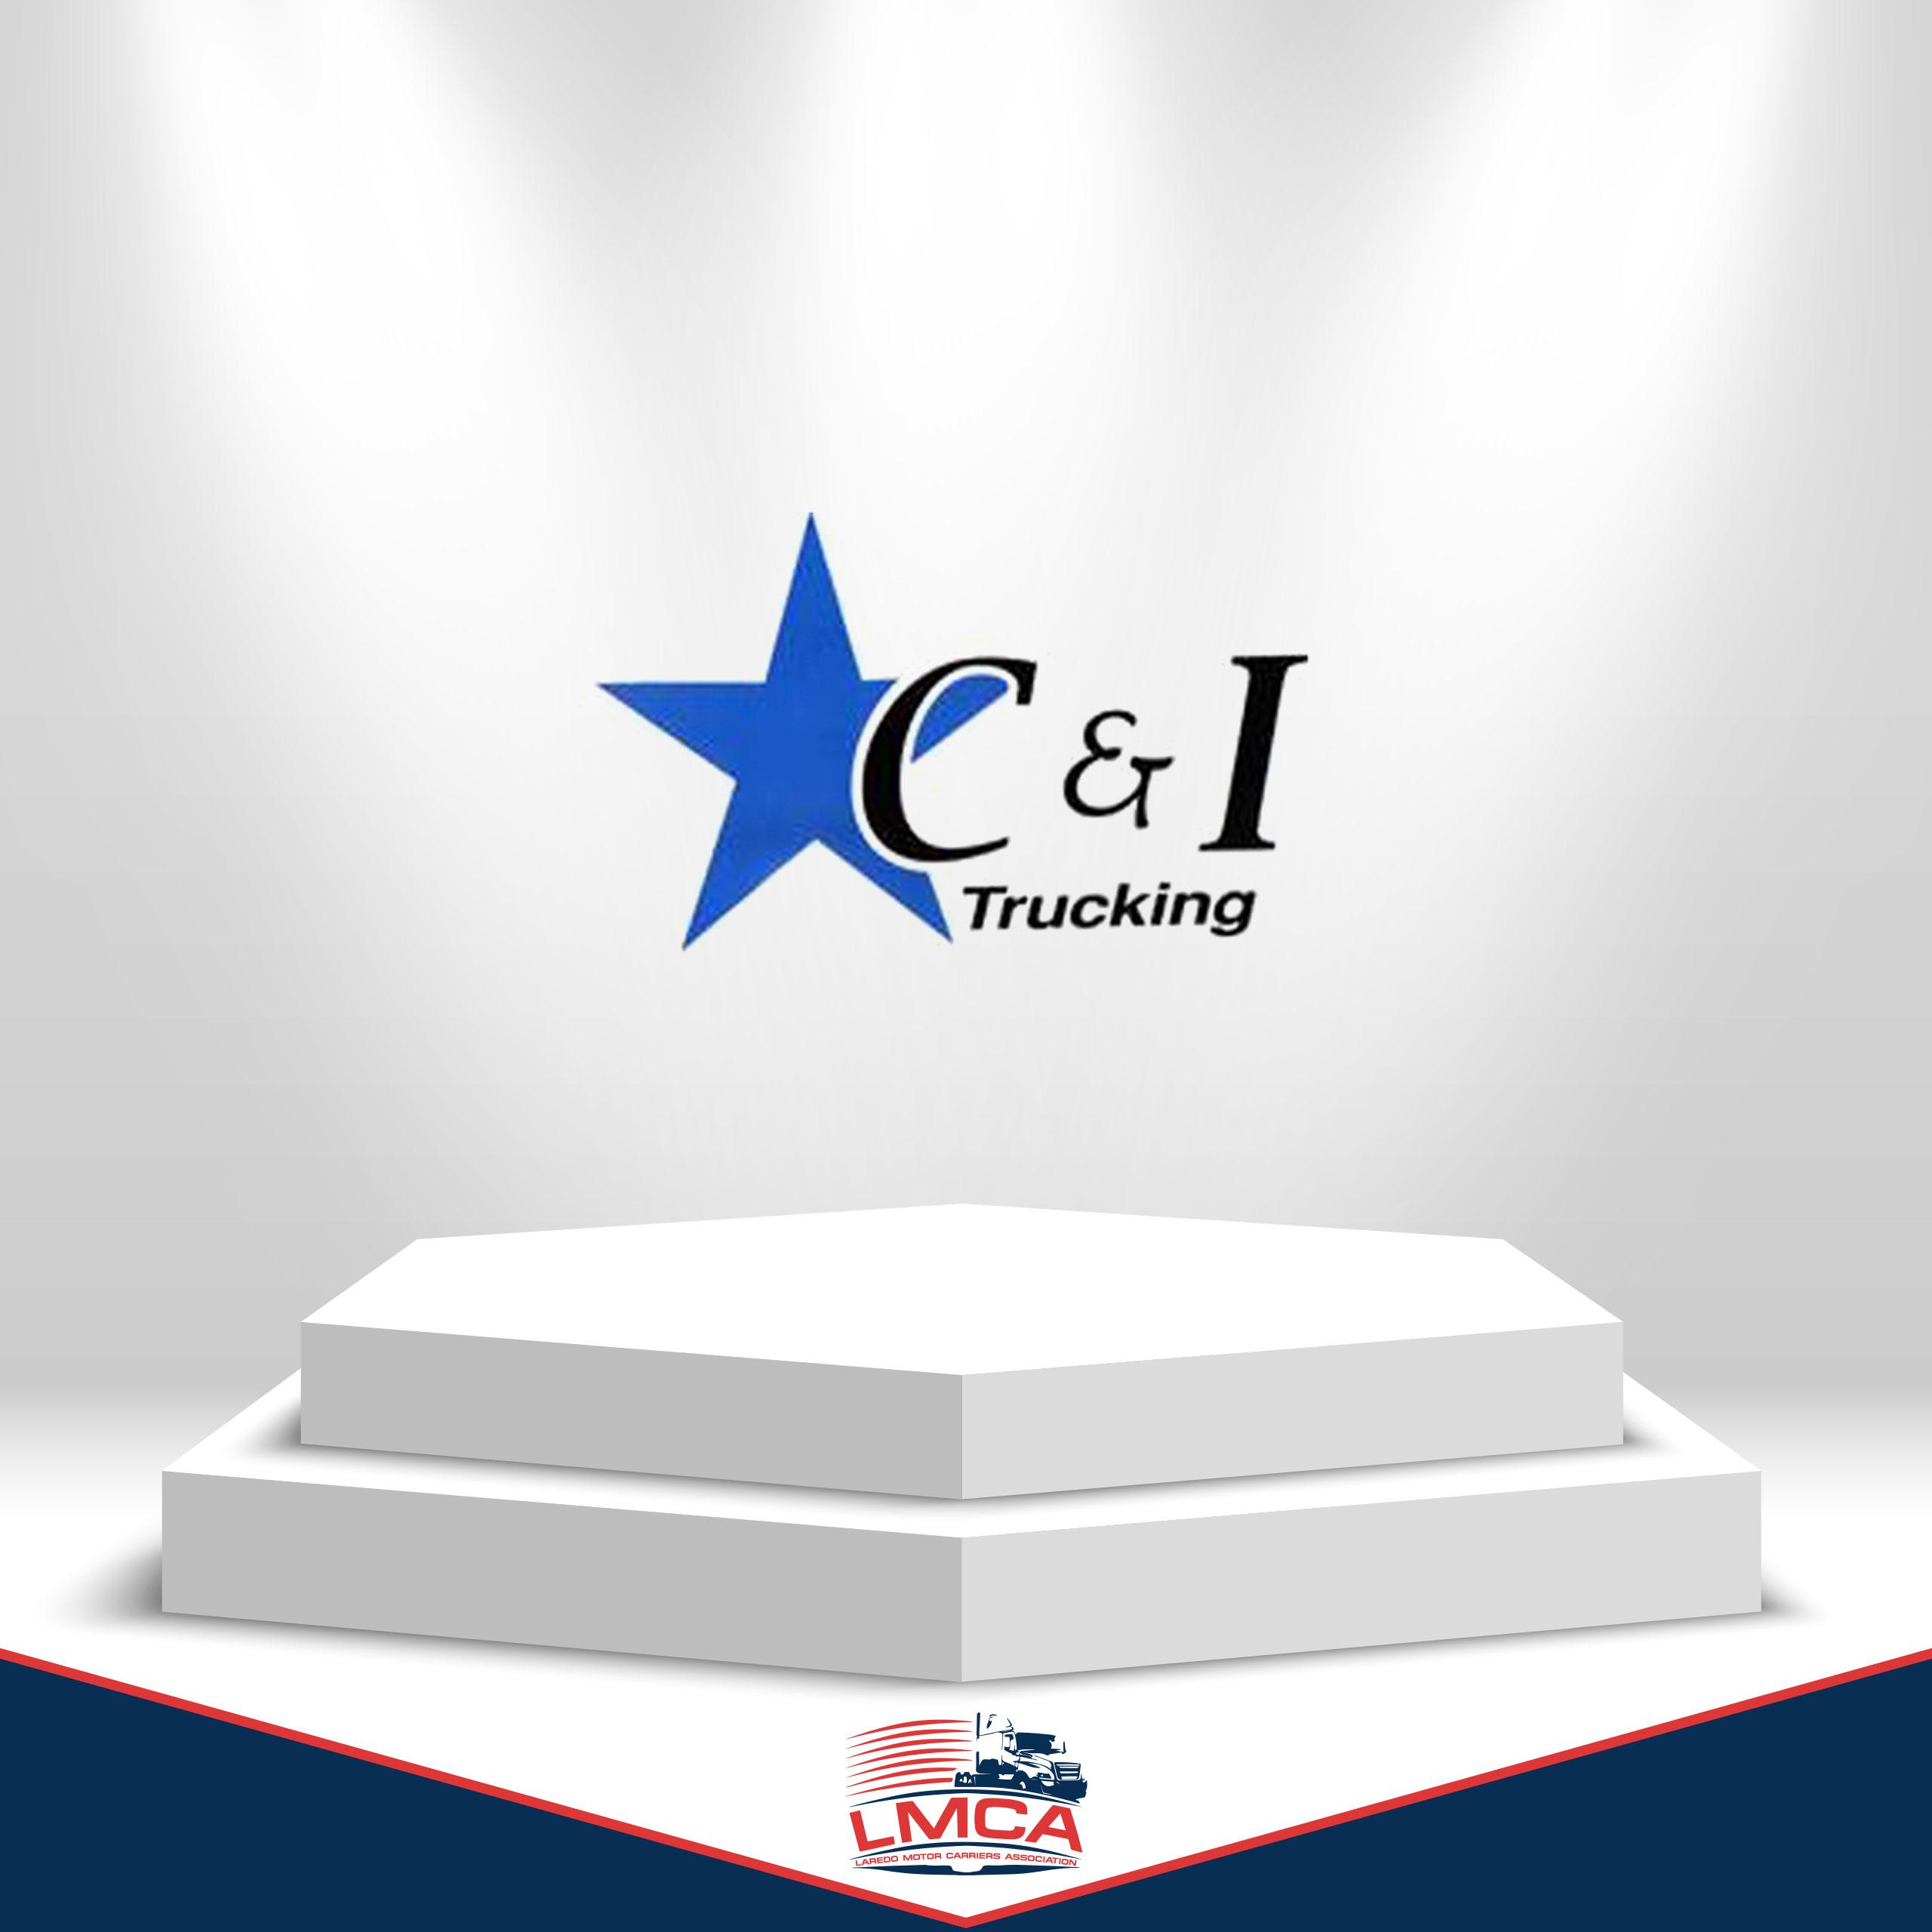 c&i trucking